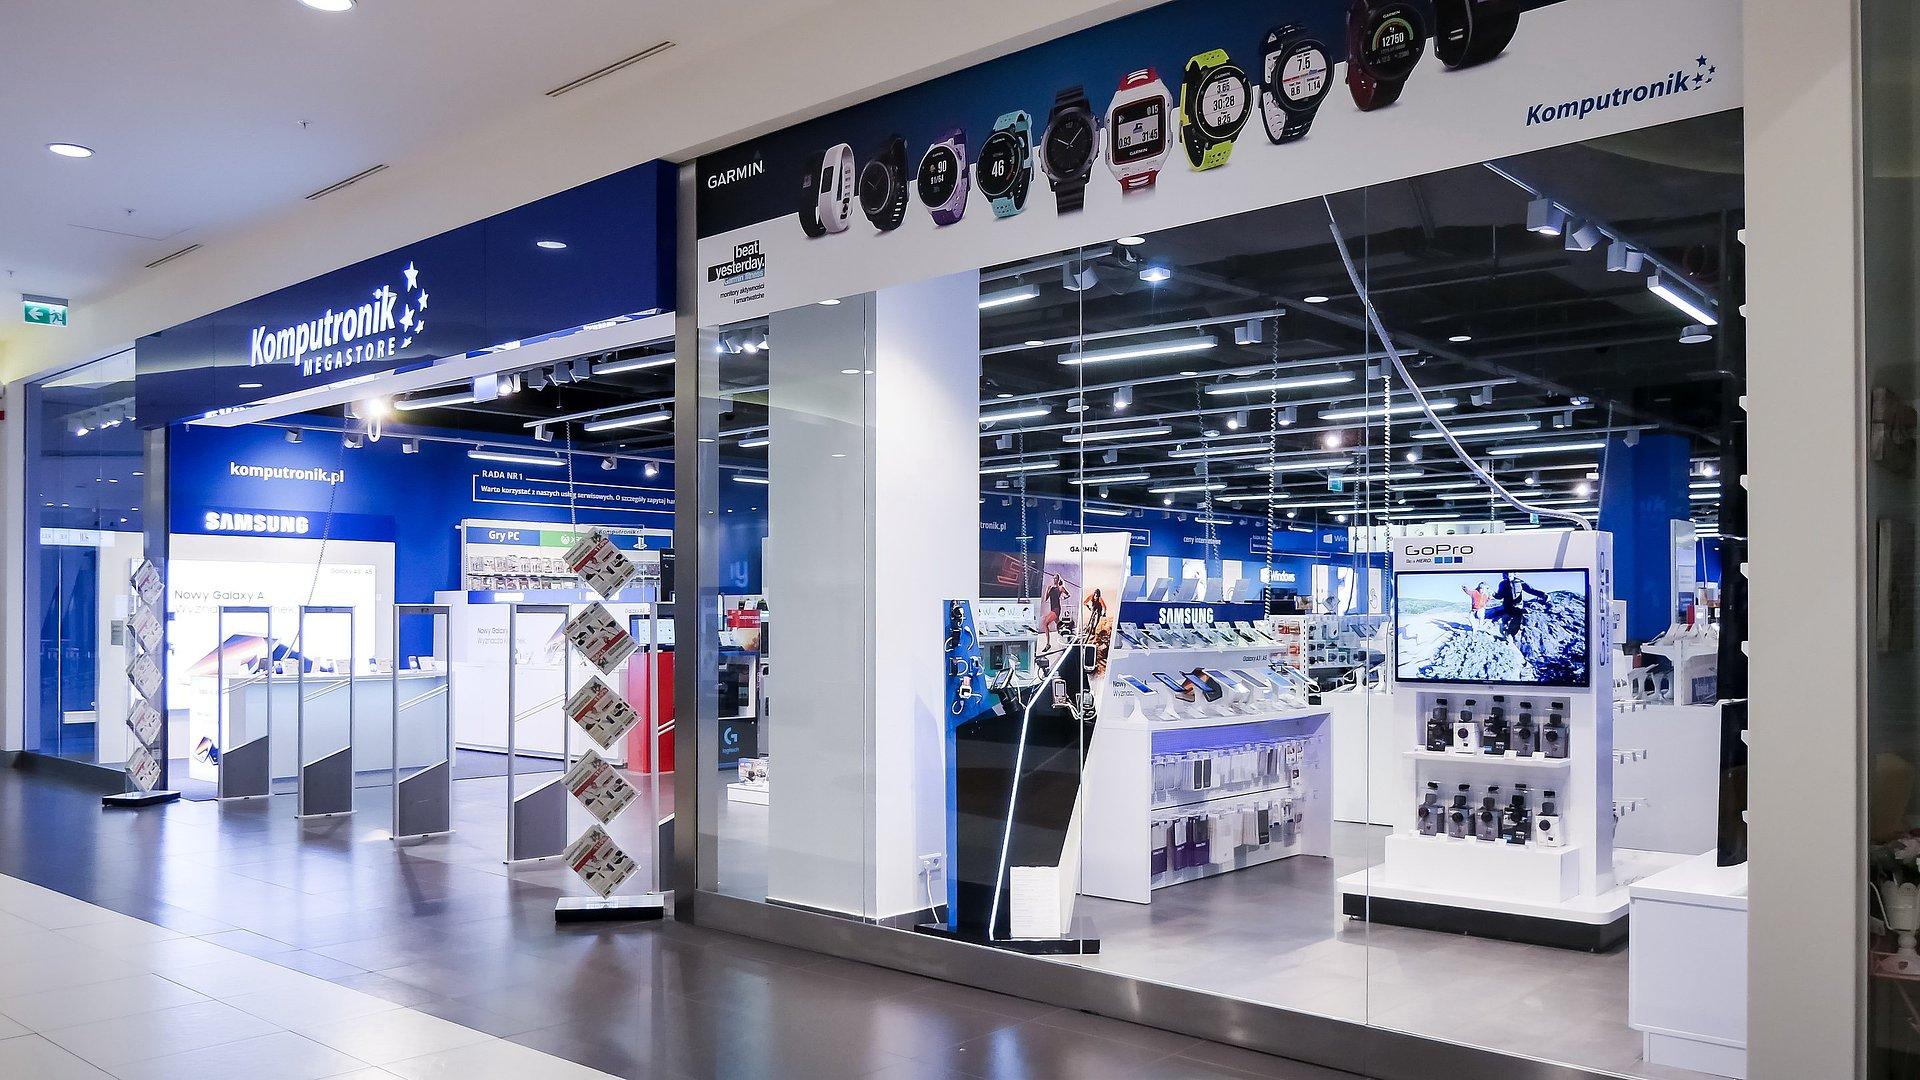 """Marcin Mordak: """"Salony stacjonarne nie mogą konkurować ze sprzedażą internetową, w ramach naszej strategii omnichannel są idealnym dopełnieniem sprzedaży w kanale e-commerce"""""""